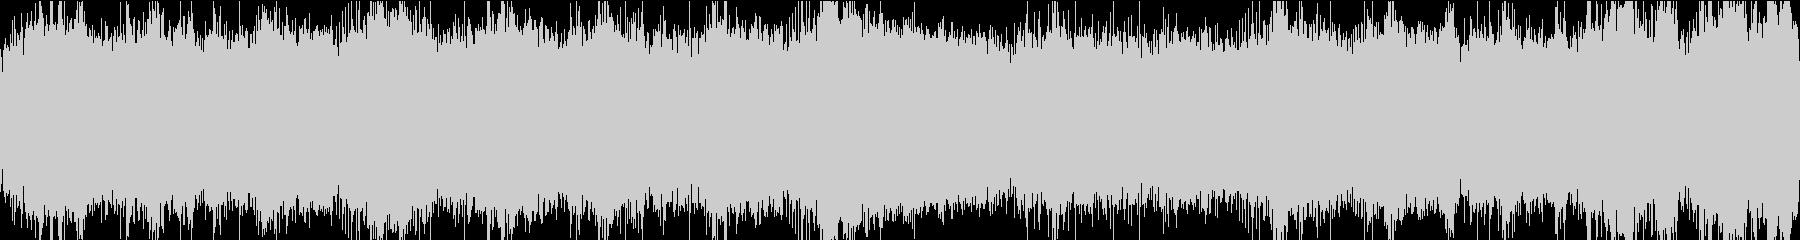 追われる 緊迫感 ループの未再生の波形